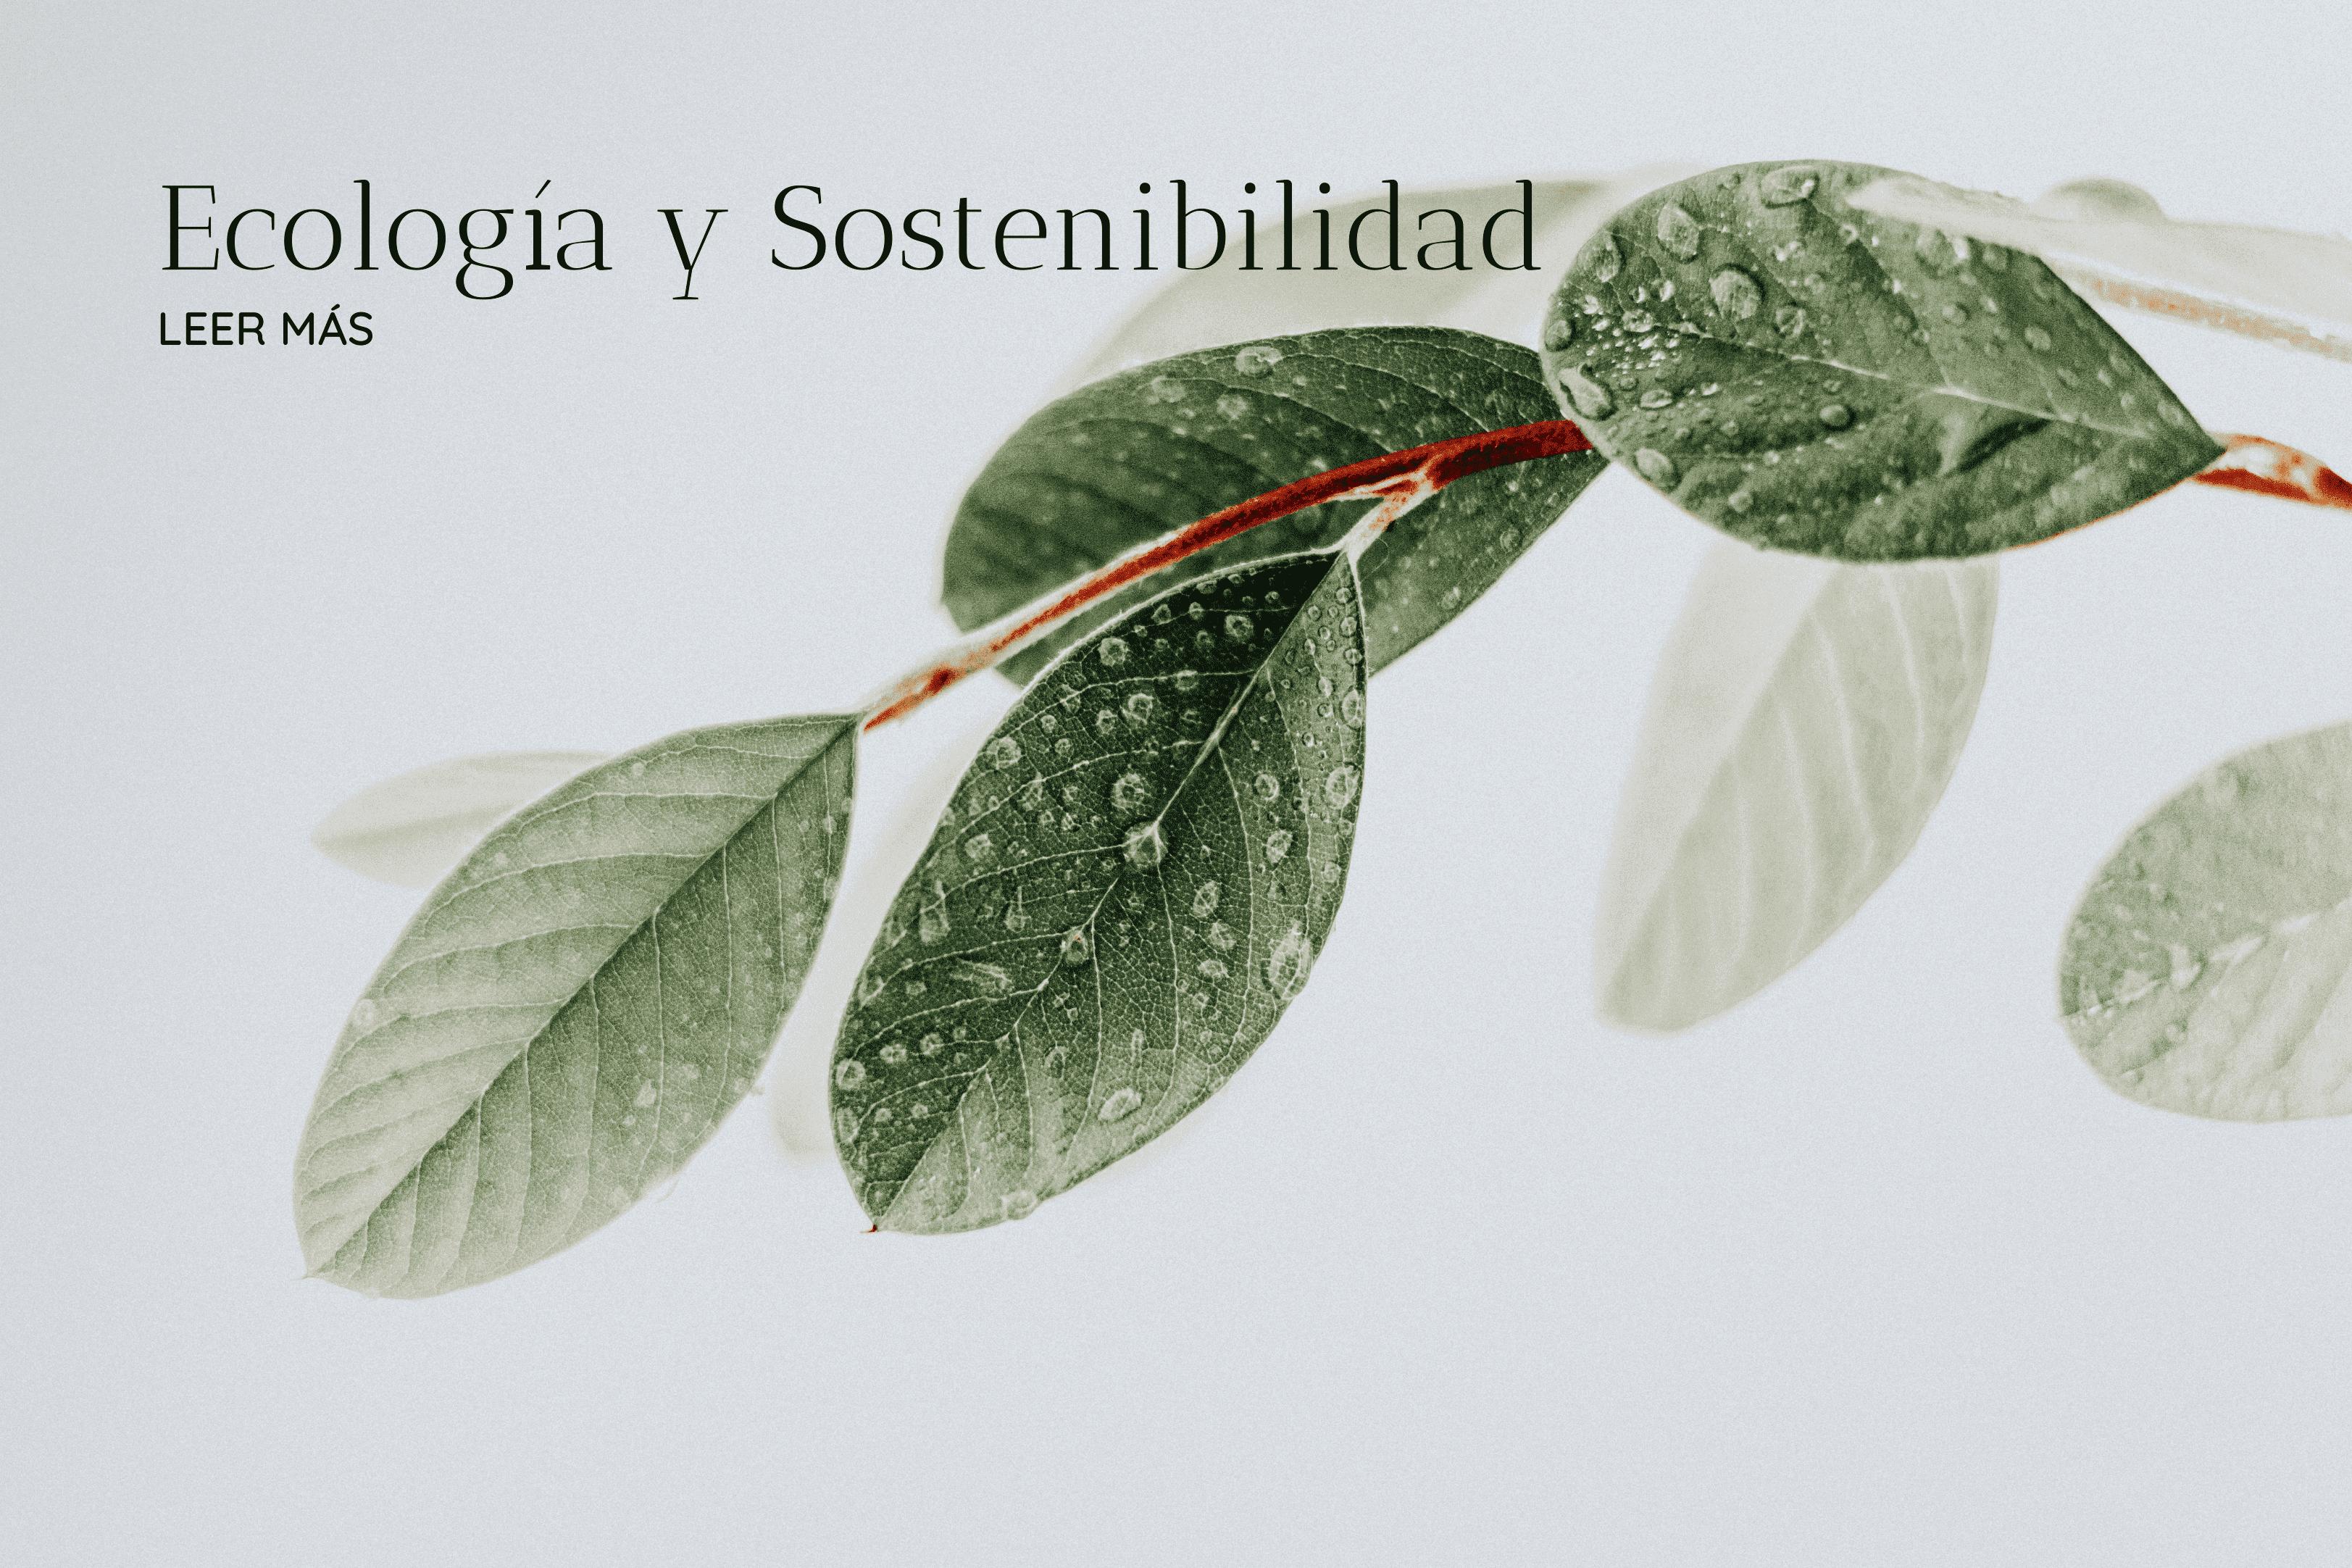 categoría ecologia y sostenibilidad